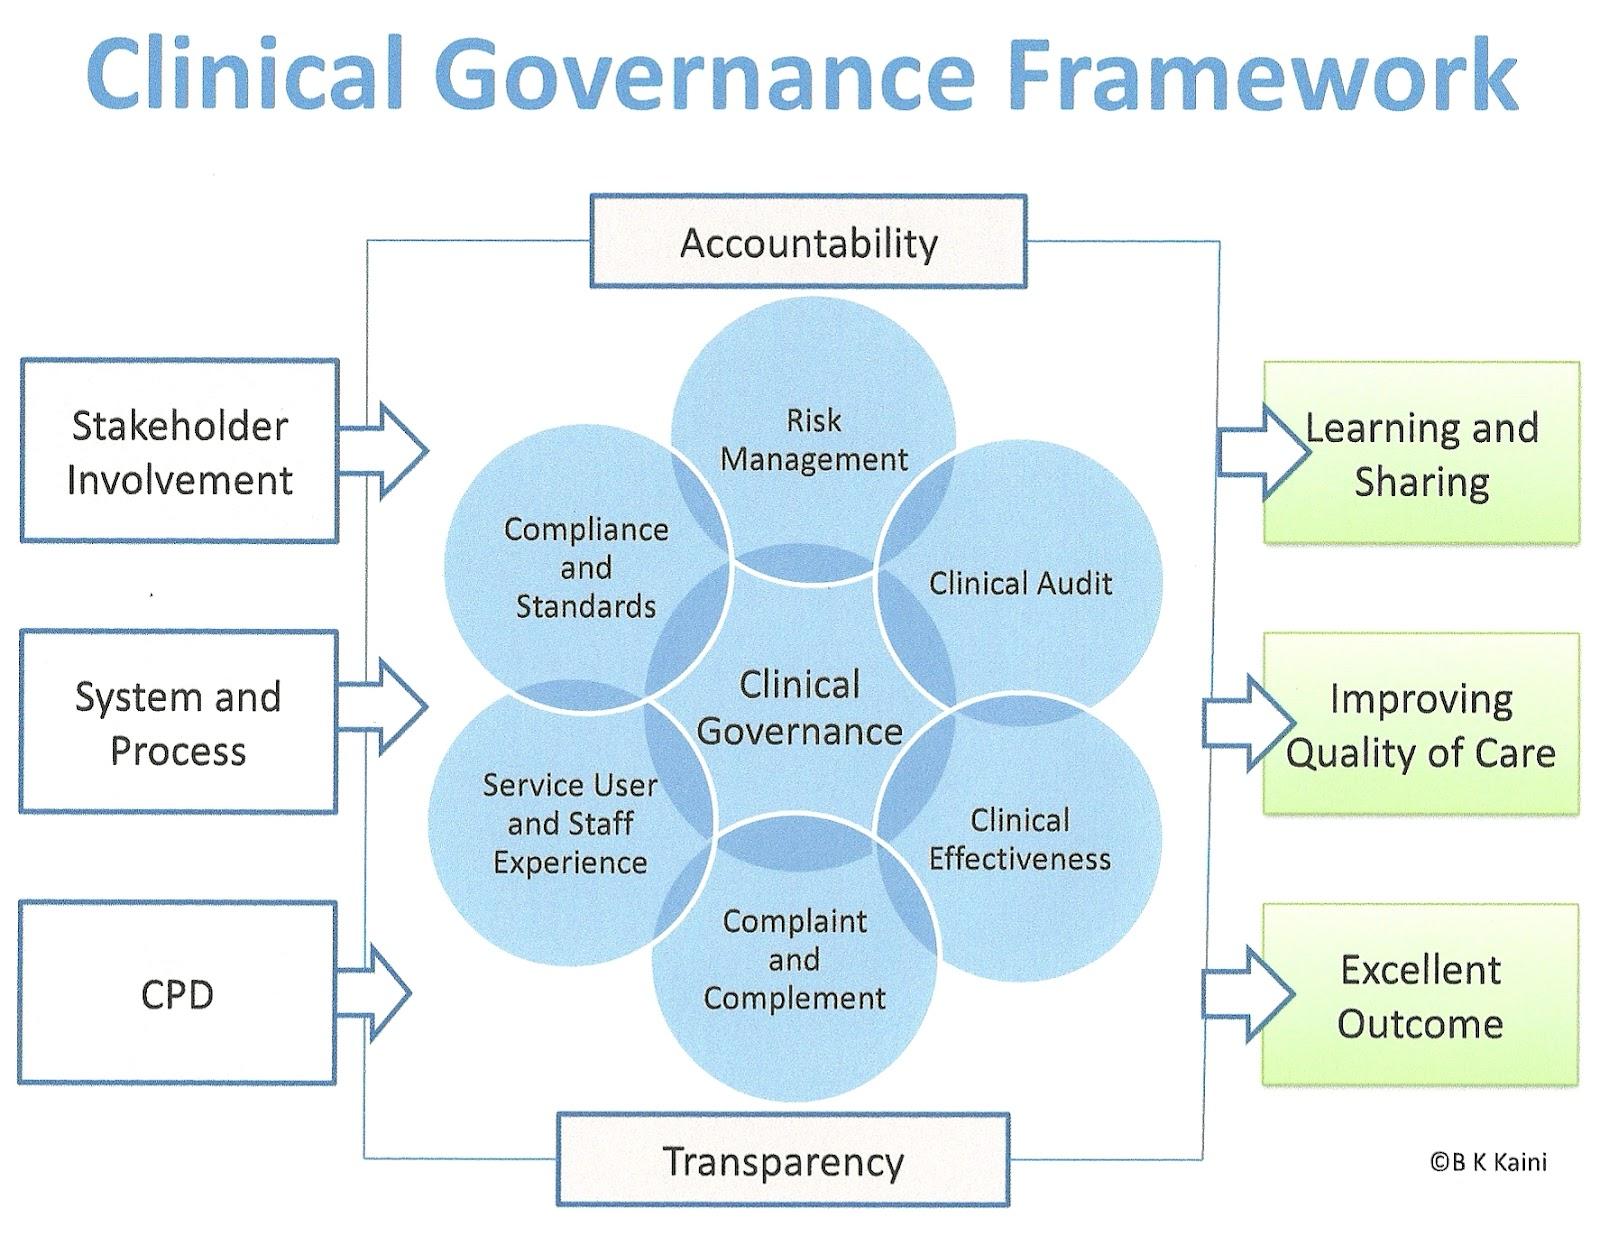 Bachchu Kailash Kaini Clinical Governance Framework By B K Kaini